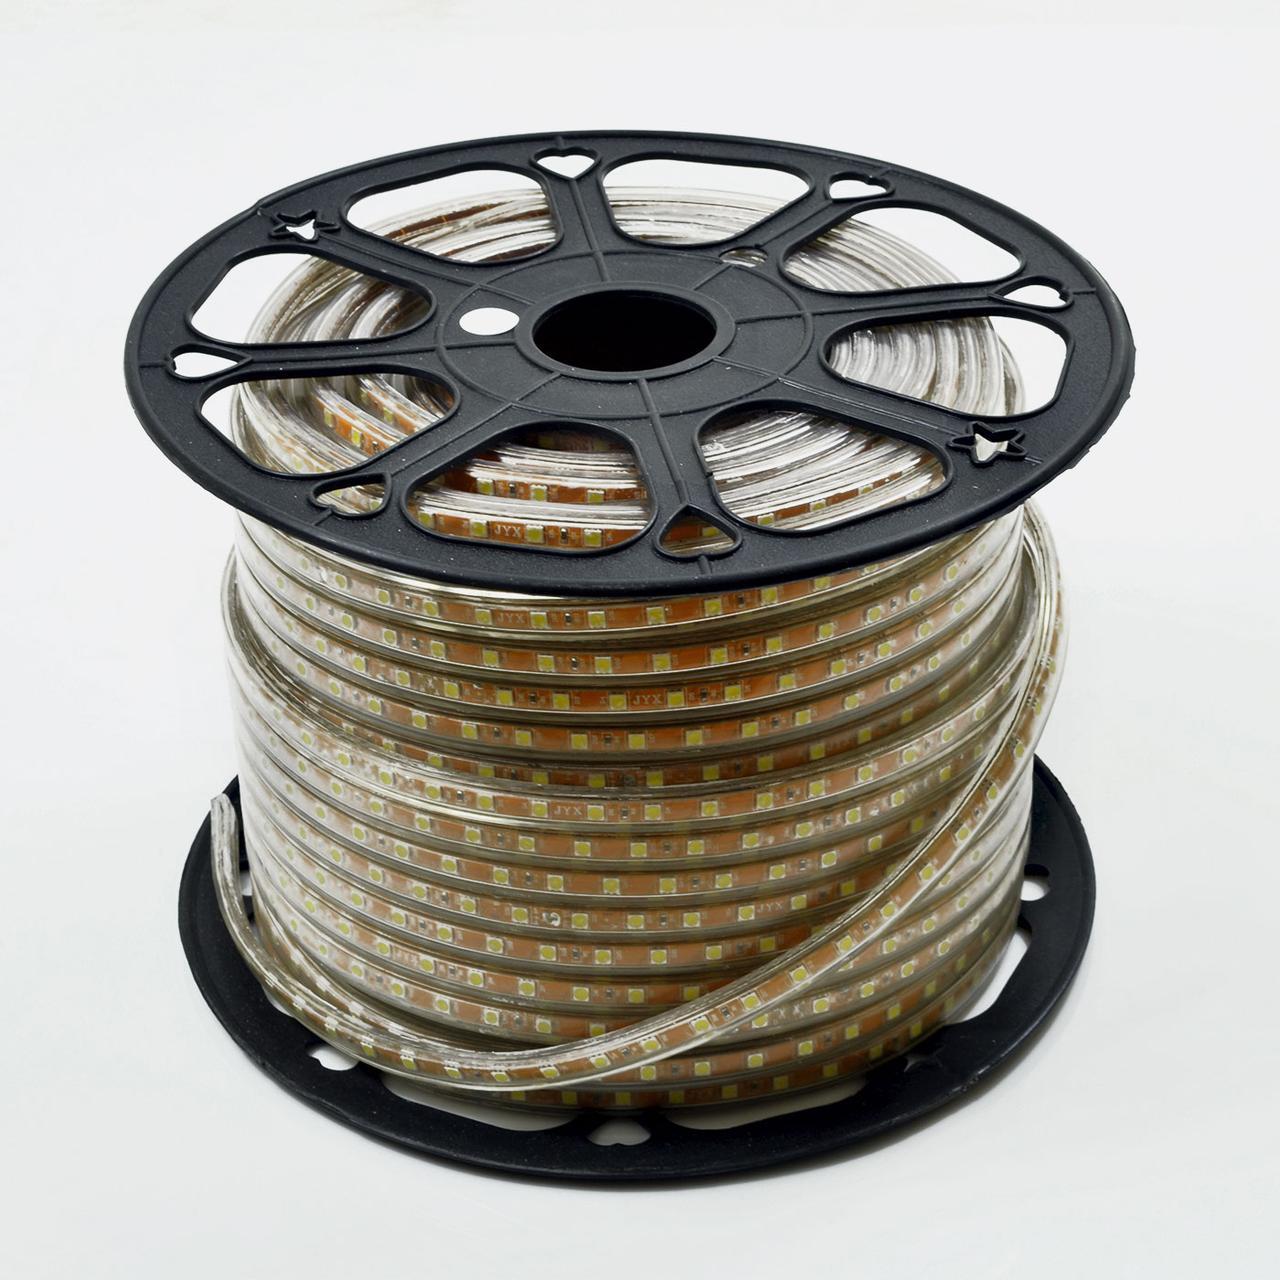 Светодиодная лента Venom SMD 5050 60д.м. (IP67) 220V (1 кристалл)